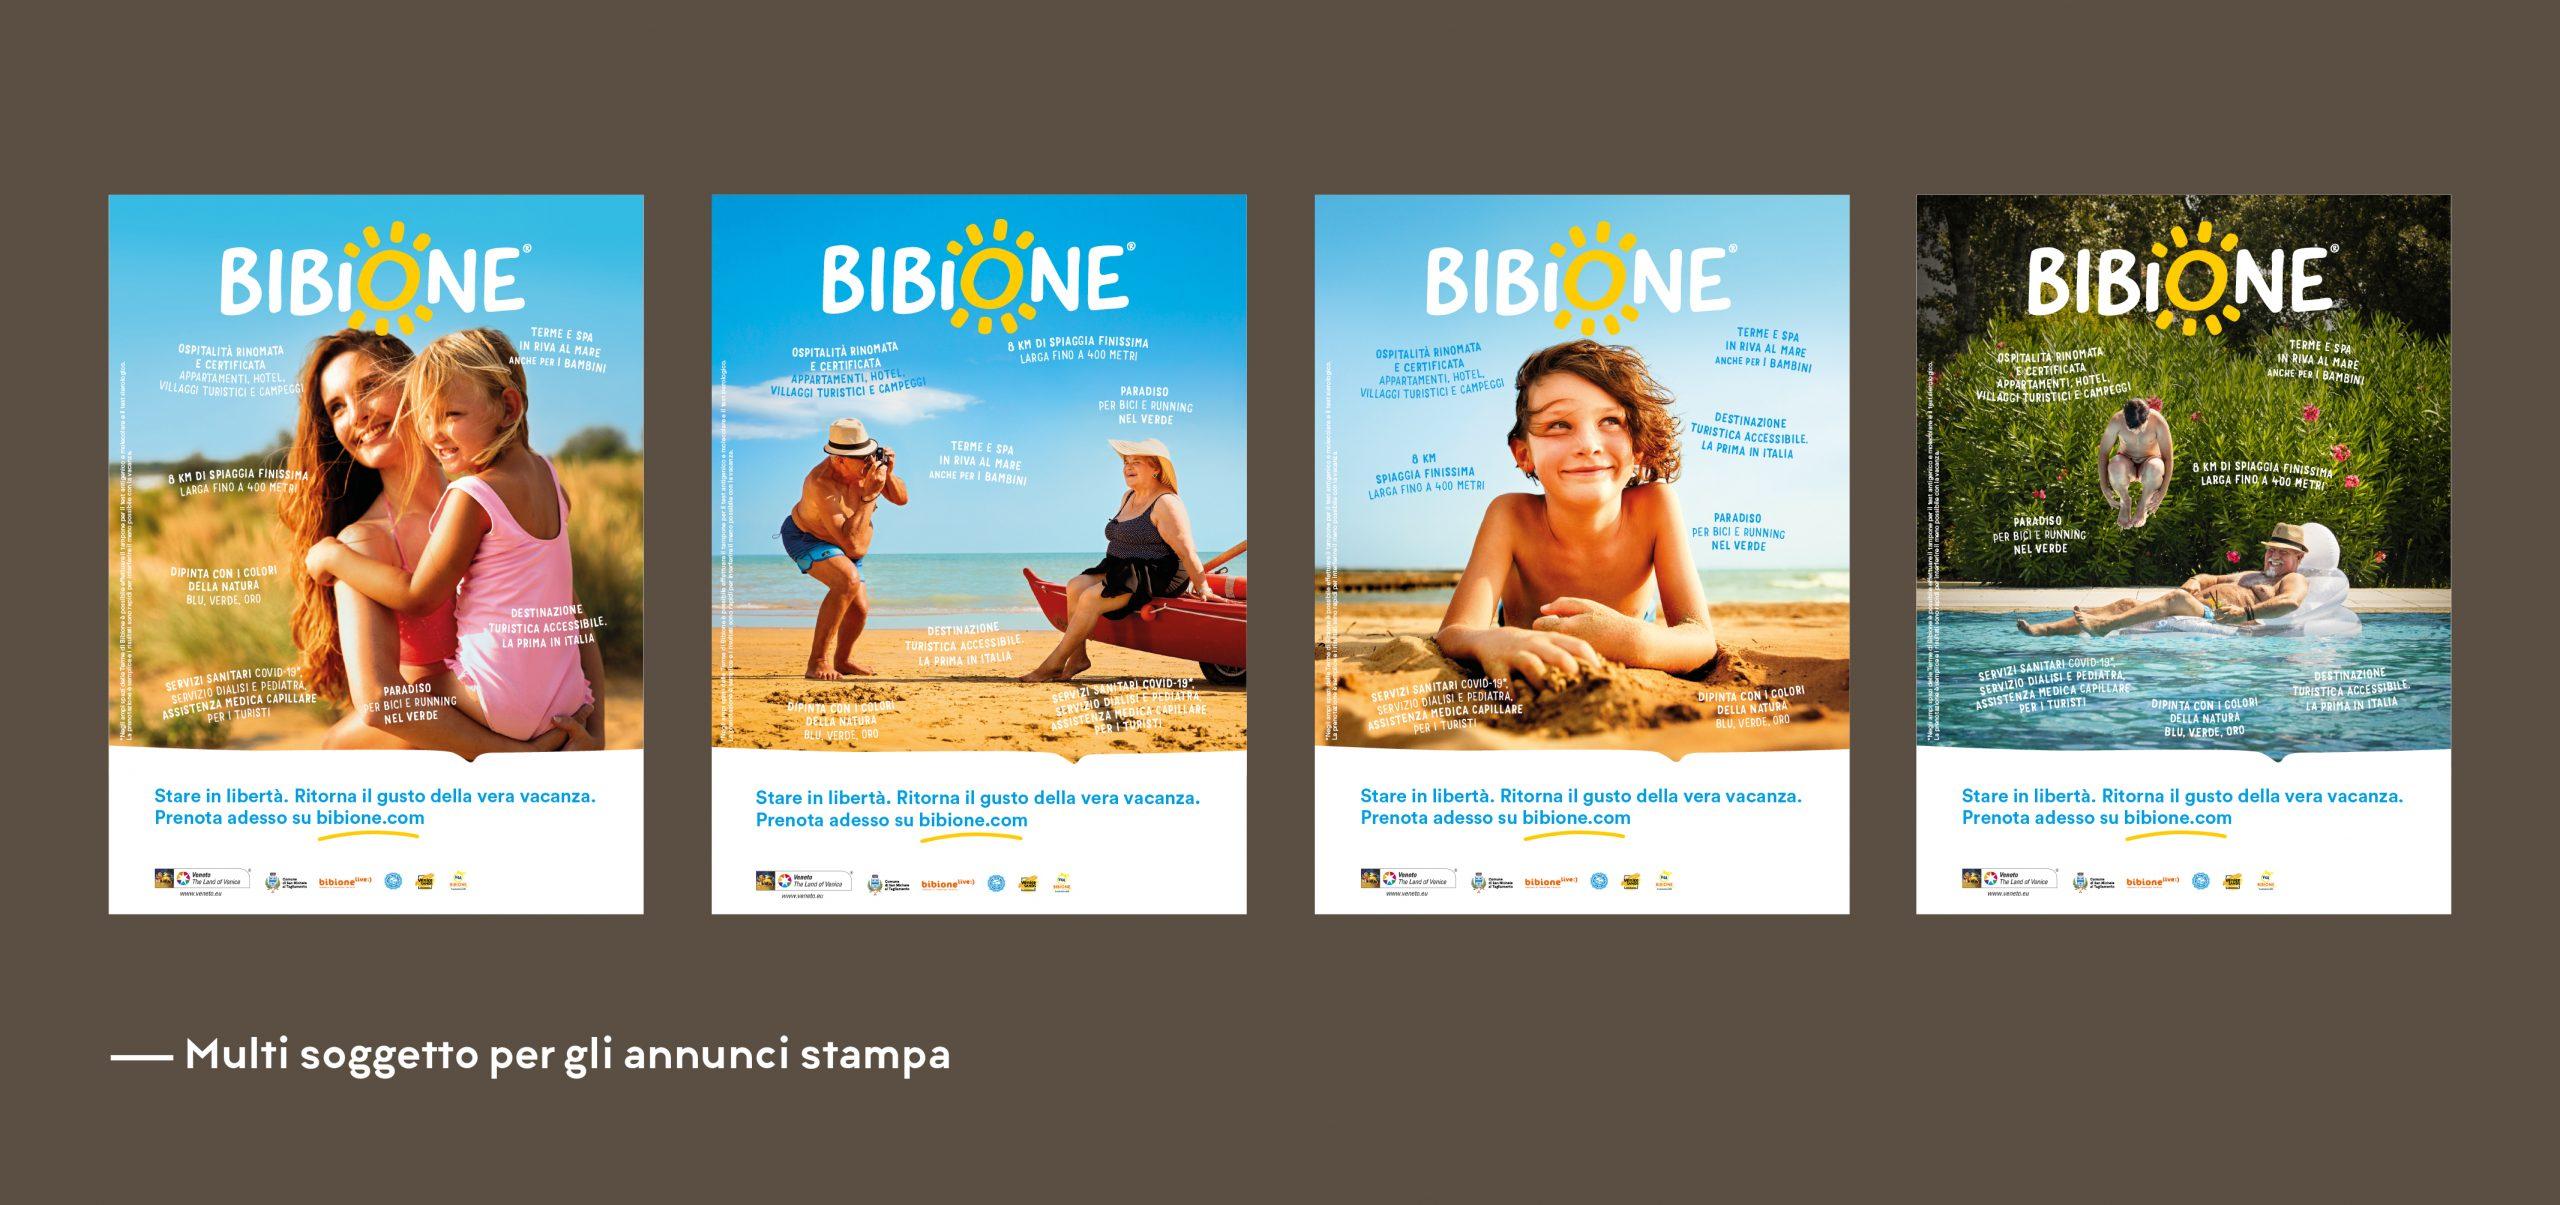 Prova insie campagna Bibione 20213